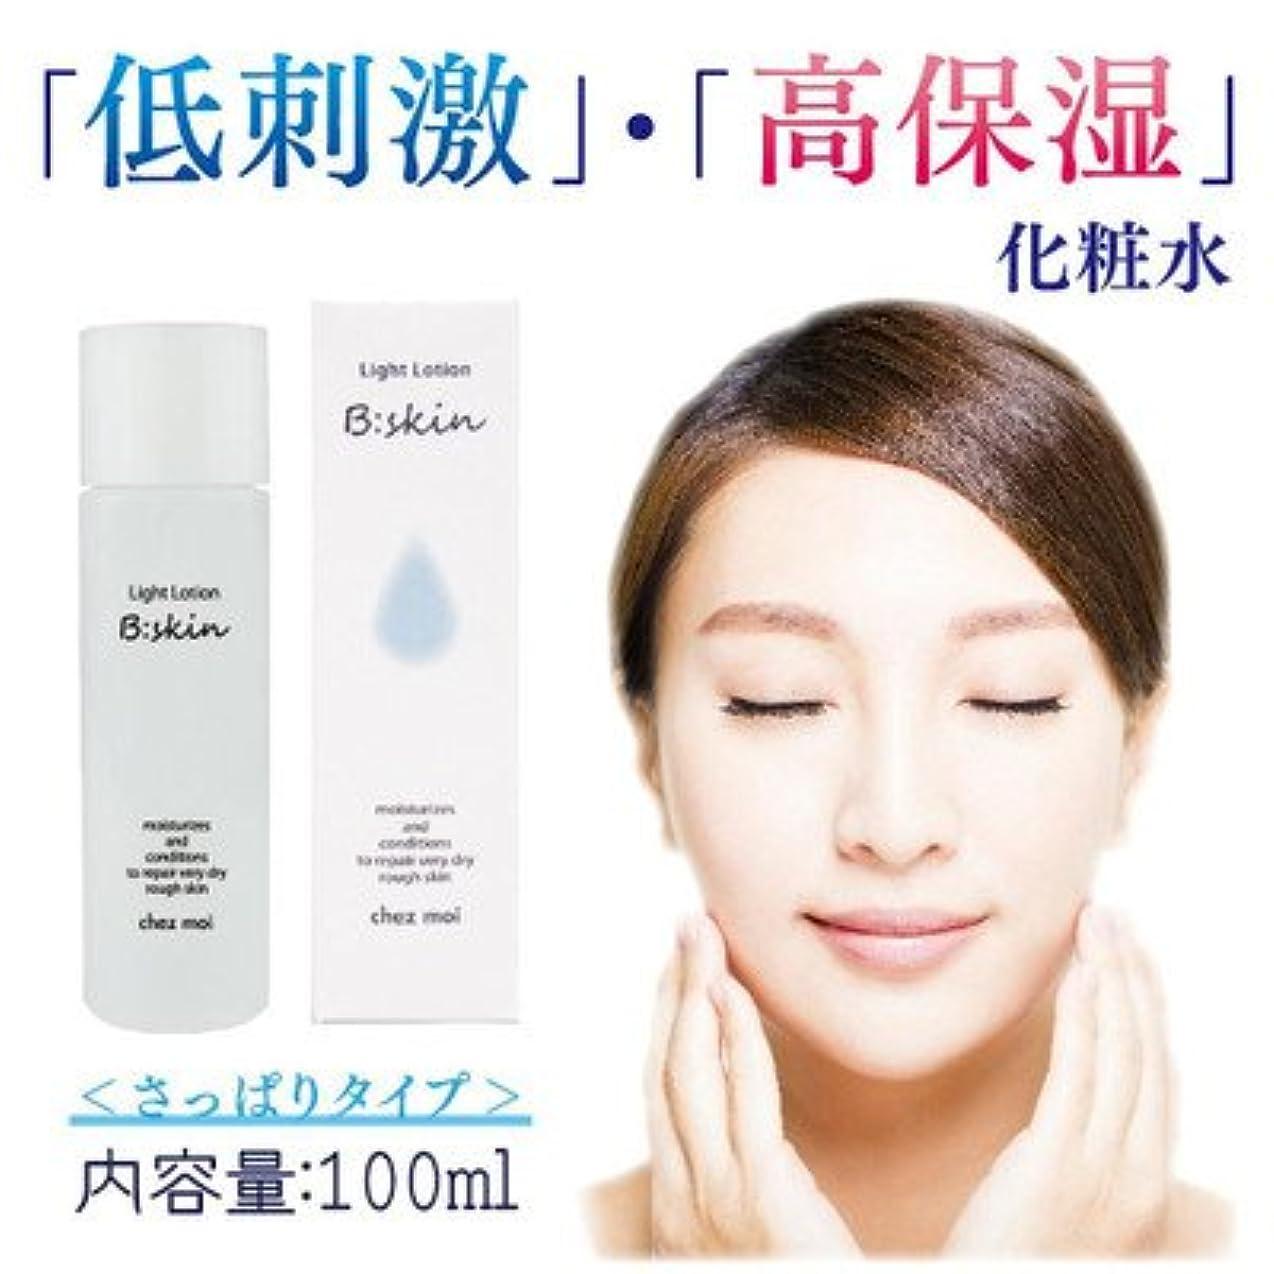 王女ウォルターカニンガムフェードアウト低刺激 高保湿 さっぱりタイプの化粧水 B:skin ビースキン Light Lotion ライトローション さっぱりタイプ 化粧水 100mL